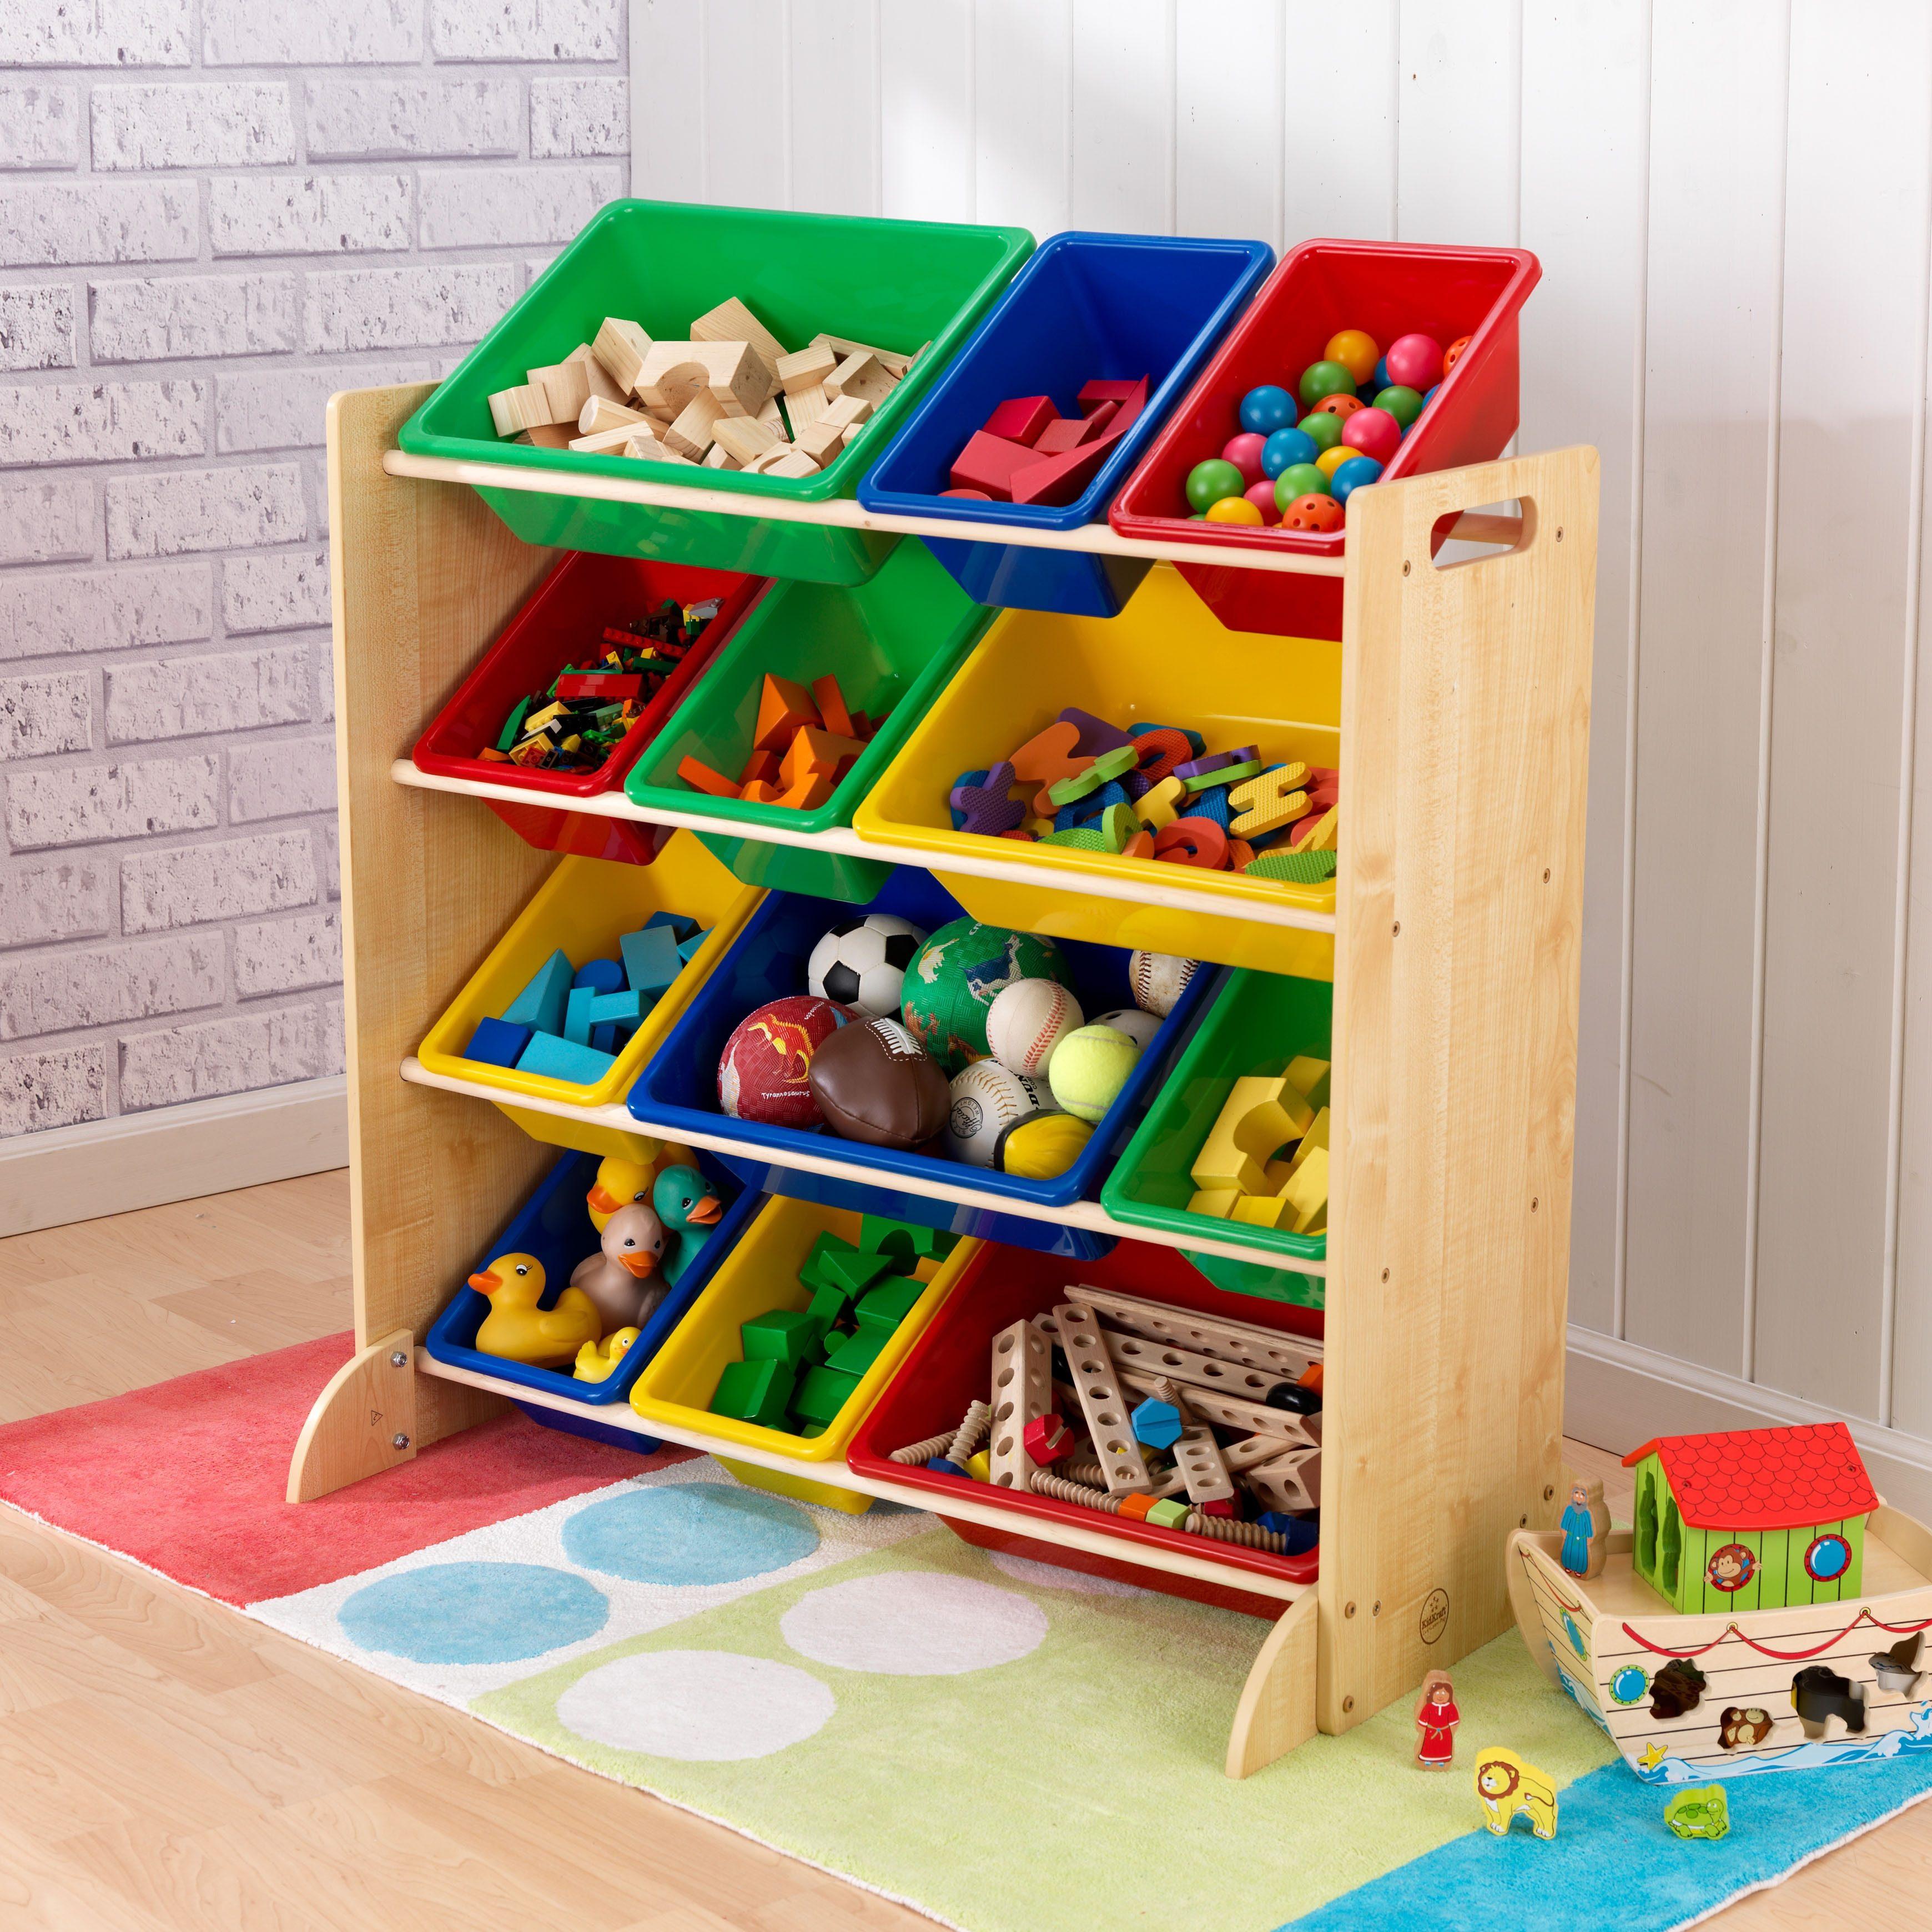 KidKraft® Kinderregal mit Aufbewahrungsboxen fürs Kinderzimmer, natur